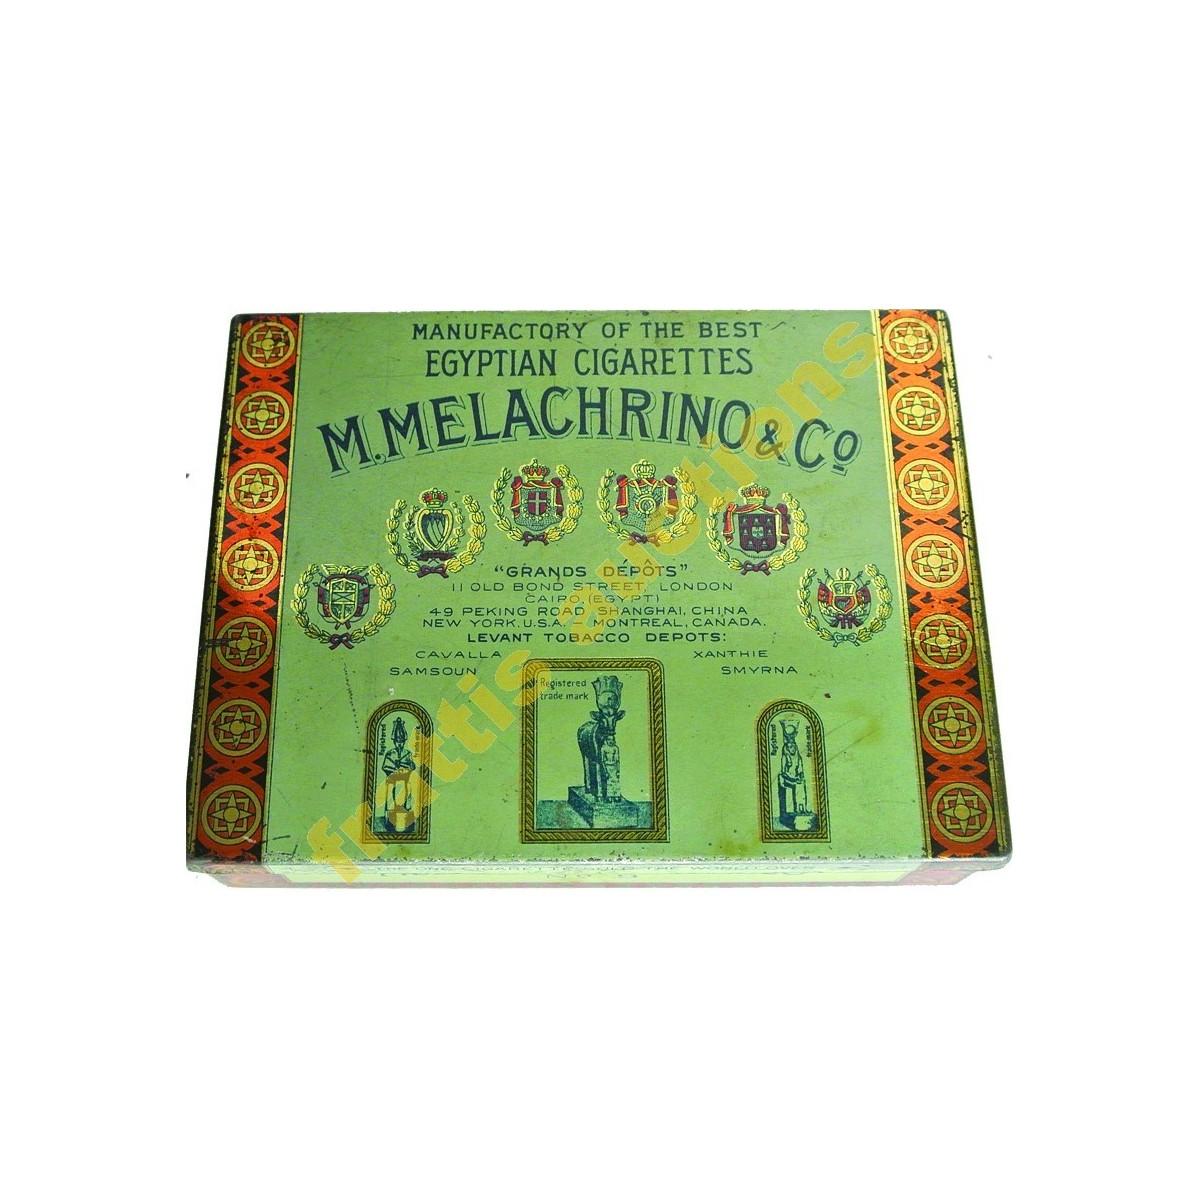 M.Melachrino & Co Egyptian Cigarettes